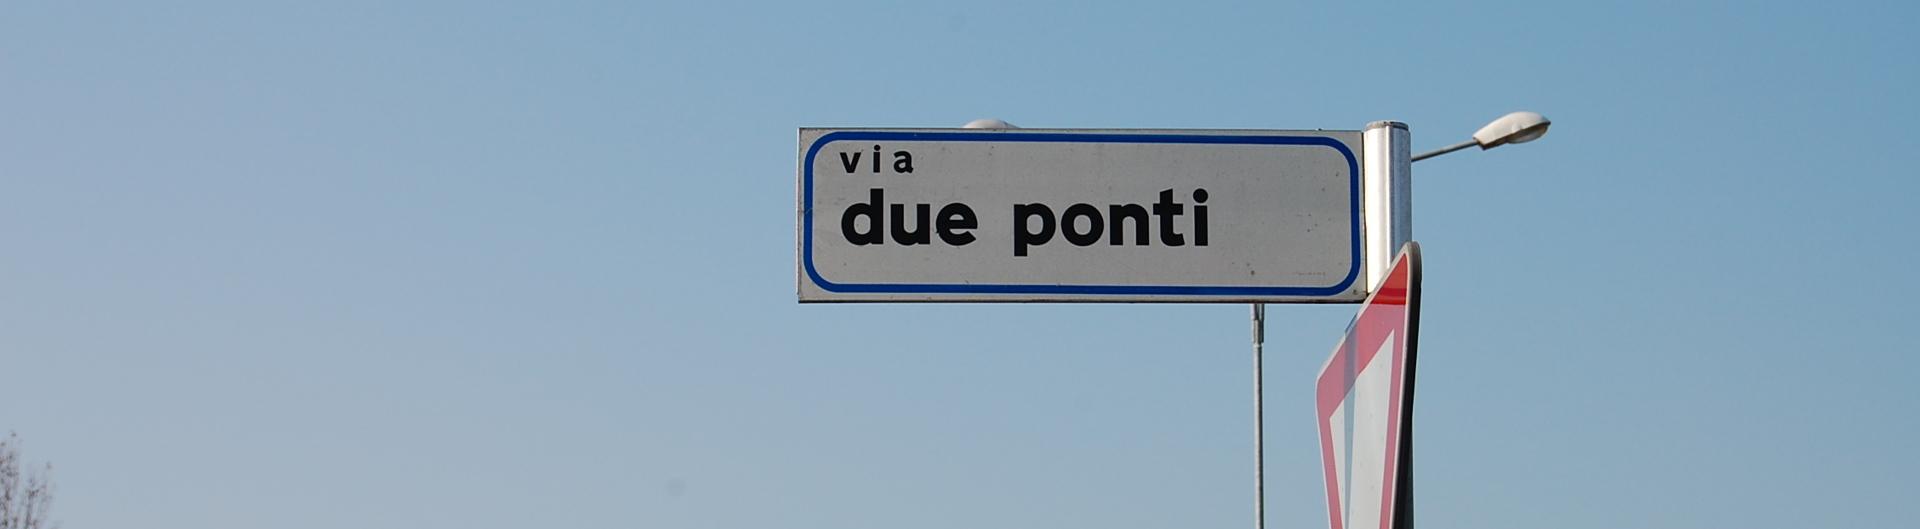 Lo studio è situato in via due ponti, Argelato, Bologna (BO)